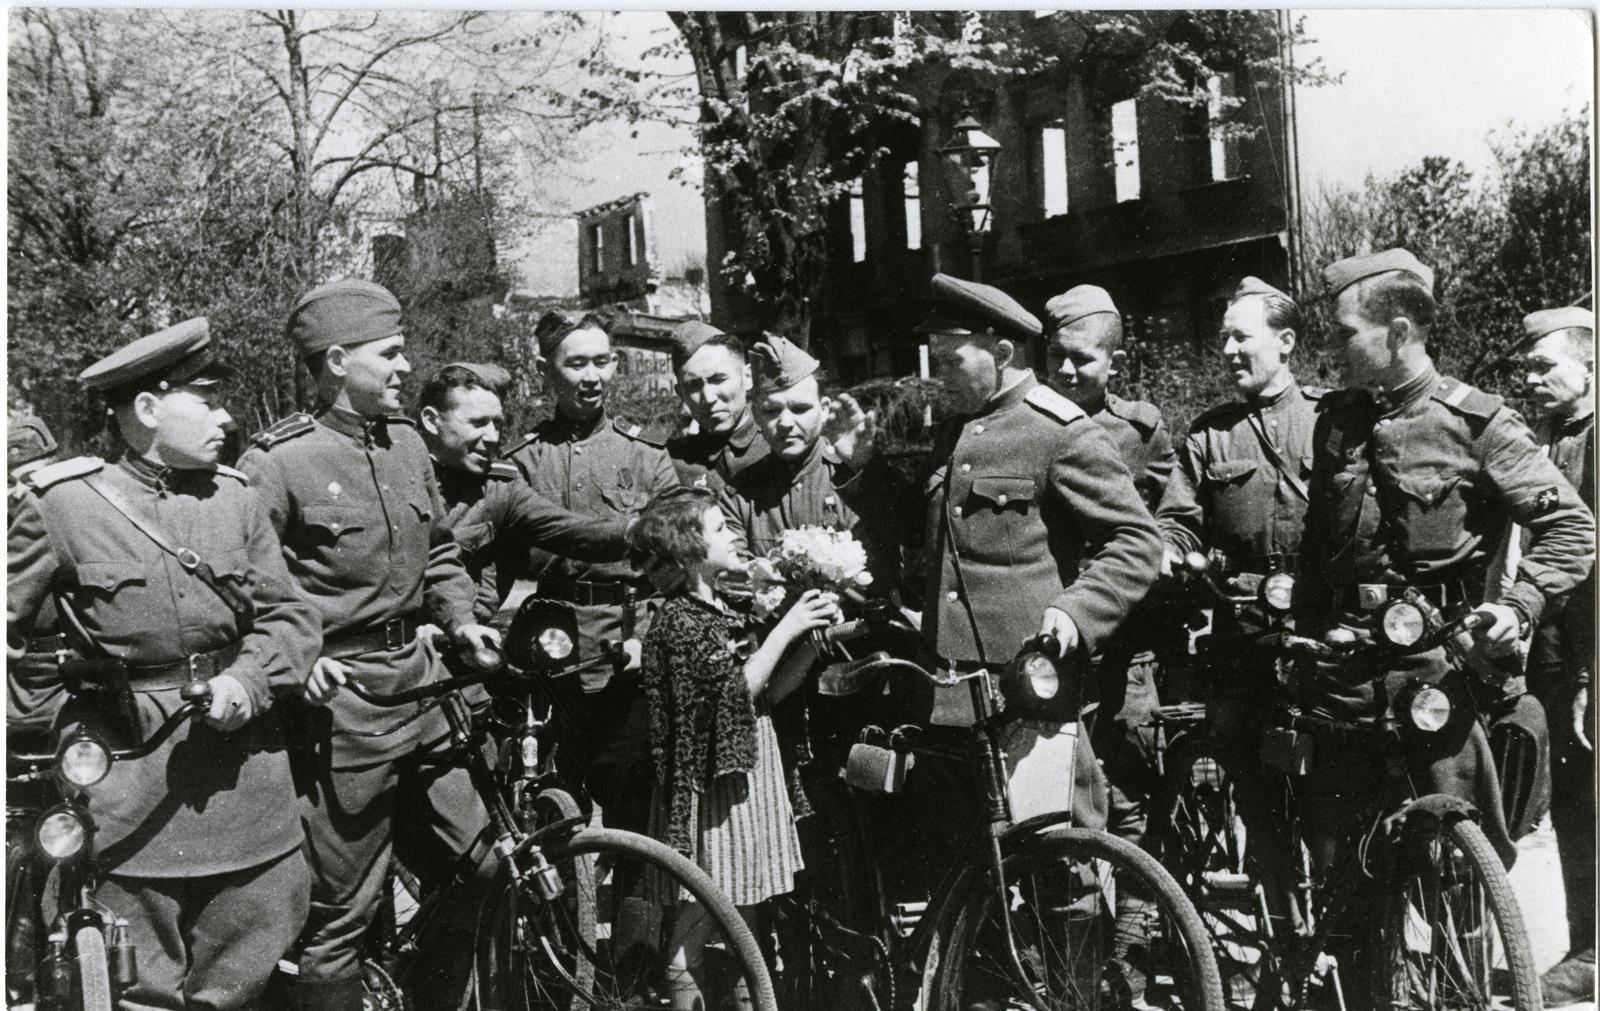 Немецкая девочка дарит цветы советским солдатам. Кёнигсберг. Июнь 1945 года. Автор Савин М. И. КОИХМ